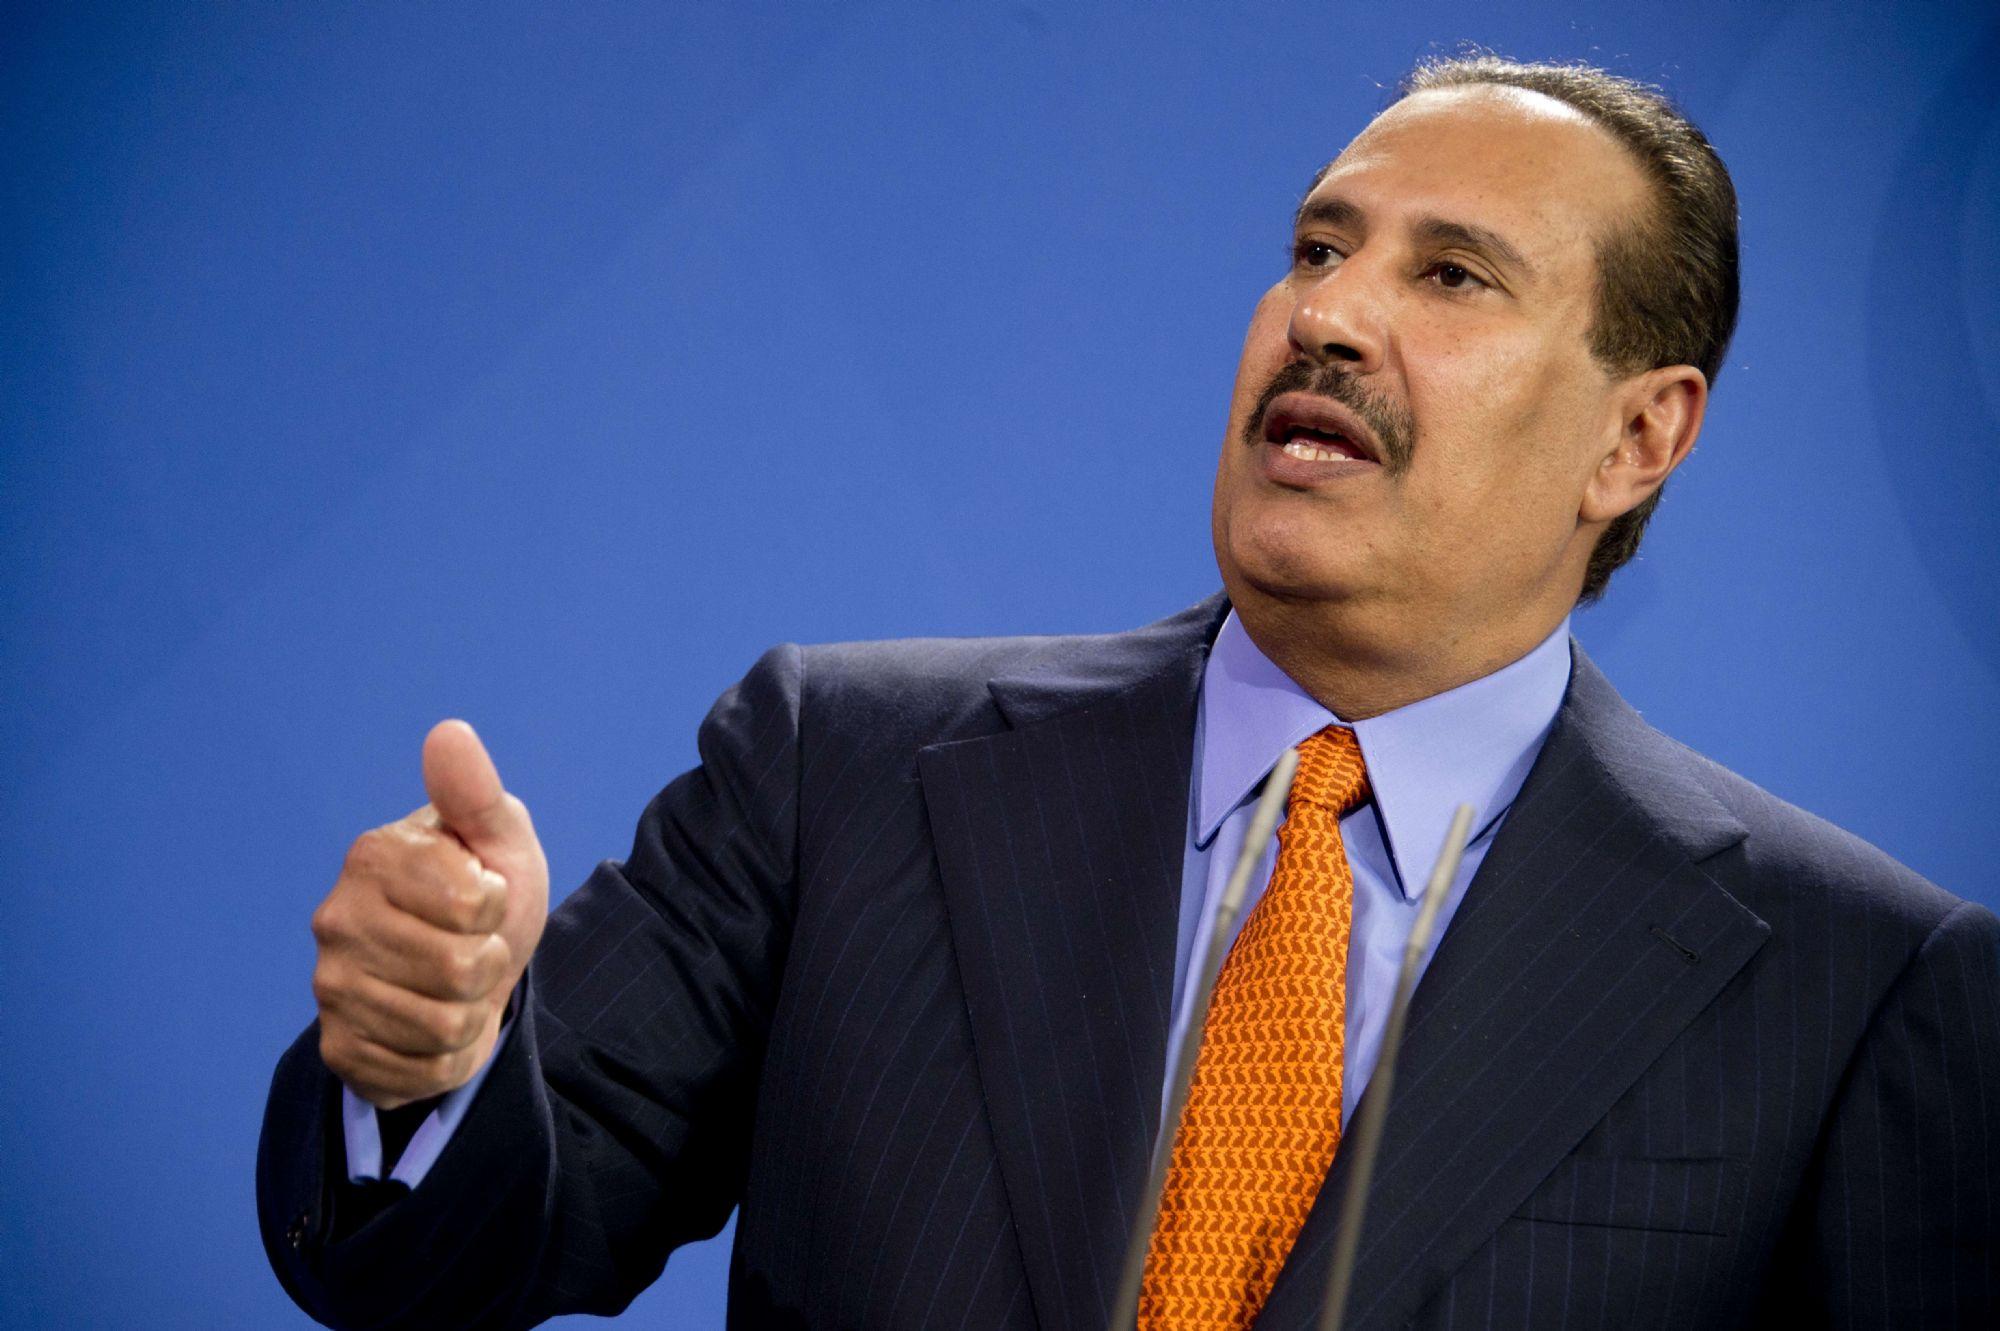 حمد بن جاسم يعلق على حوادث قرصنة وتفجير السفن التجارية